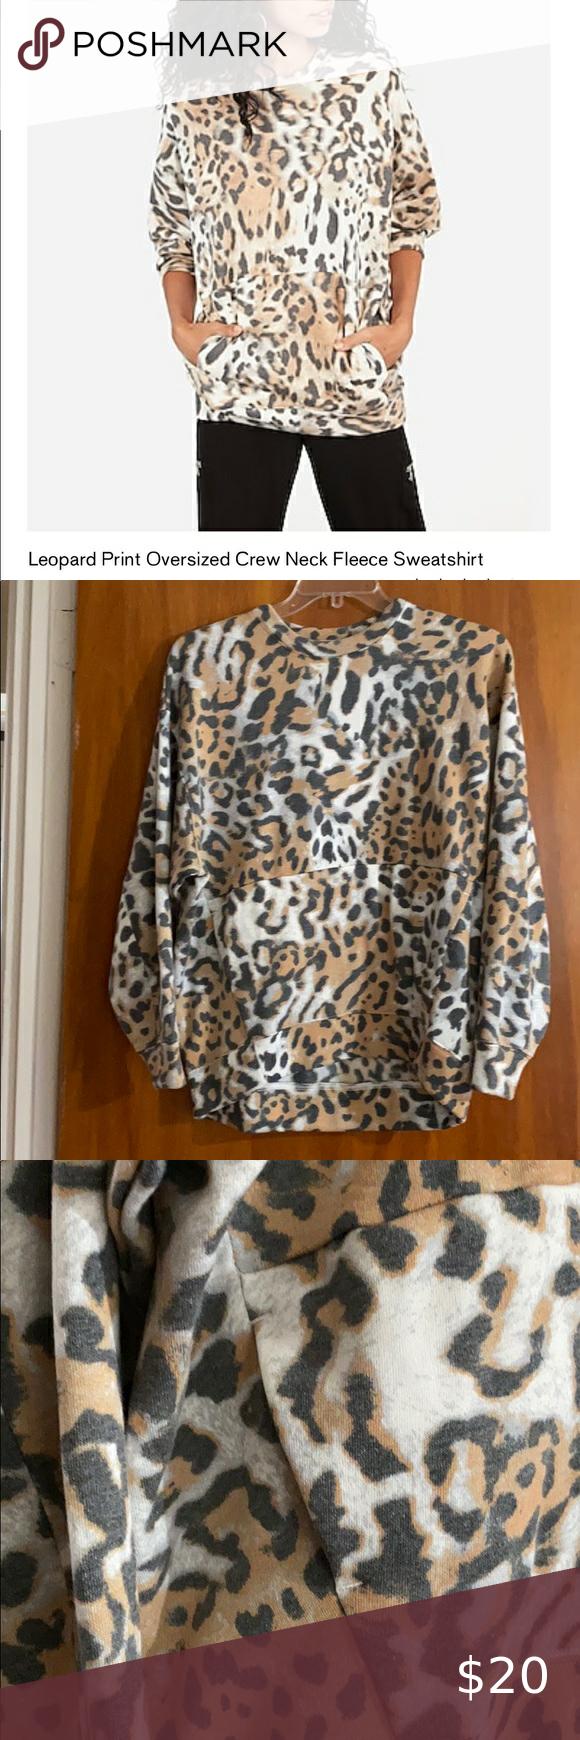 Express Oversized Crew Neck Leopard Sweatshirt Leopard Sweatshirt Sweatshirts Sweatshirt Fleece [ 1740 x 580 Pixel ]